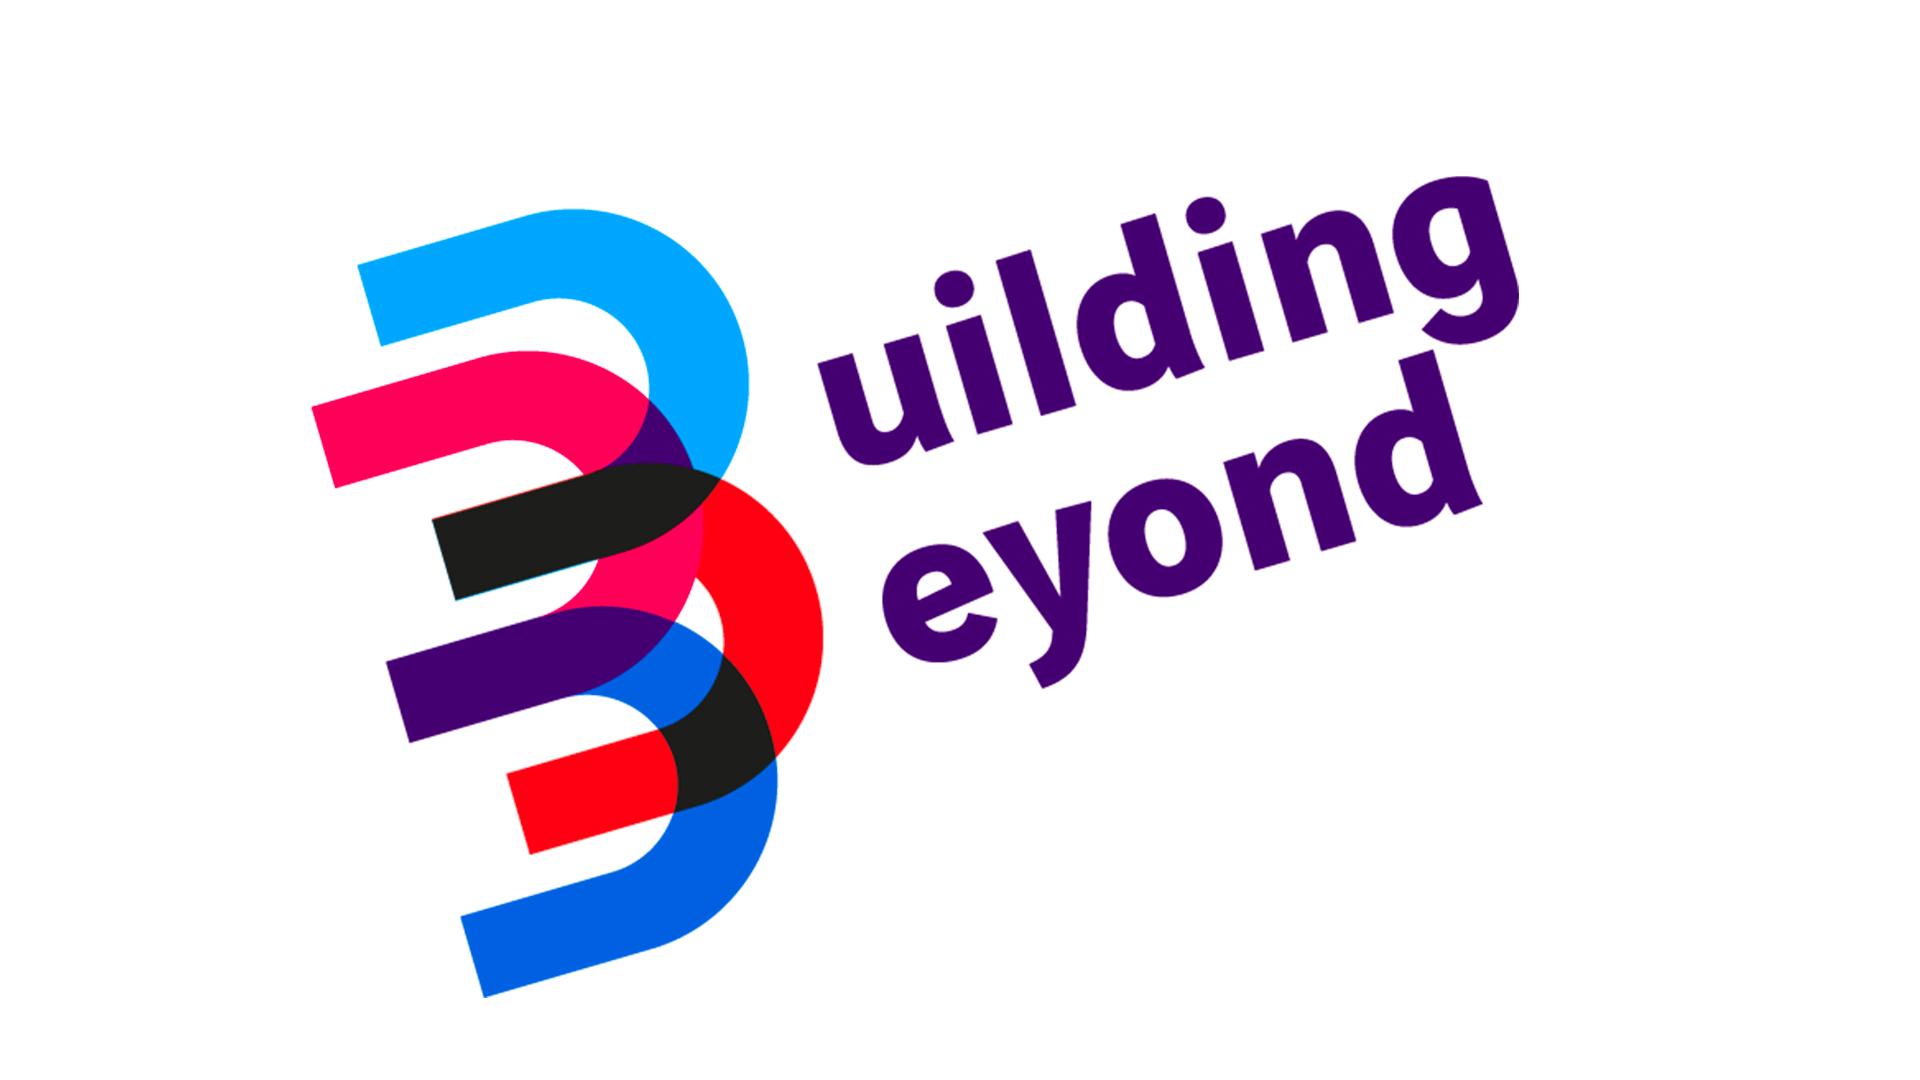 """Résultat de recherche d'images pour """"building beyond 2019"""""""